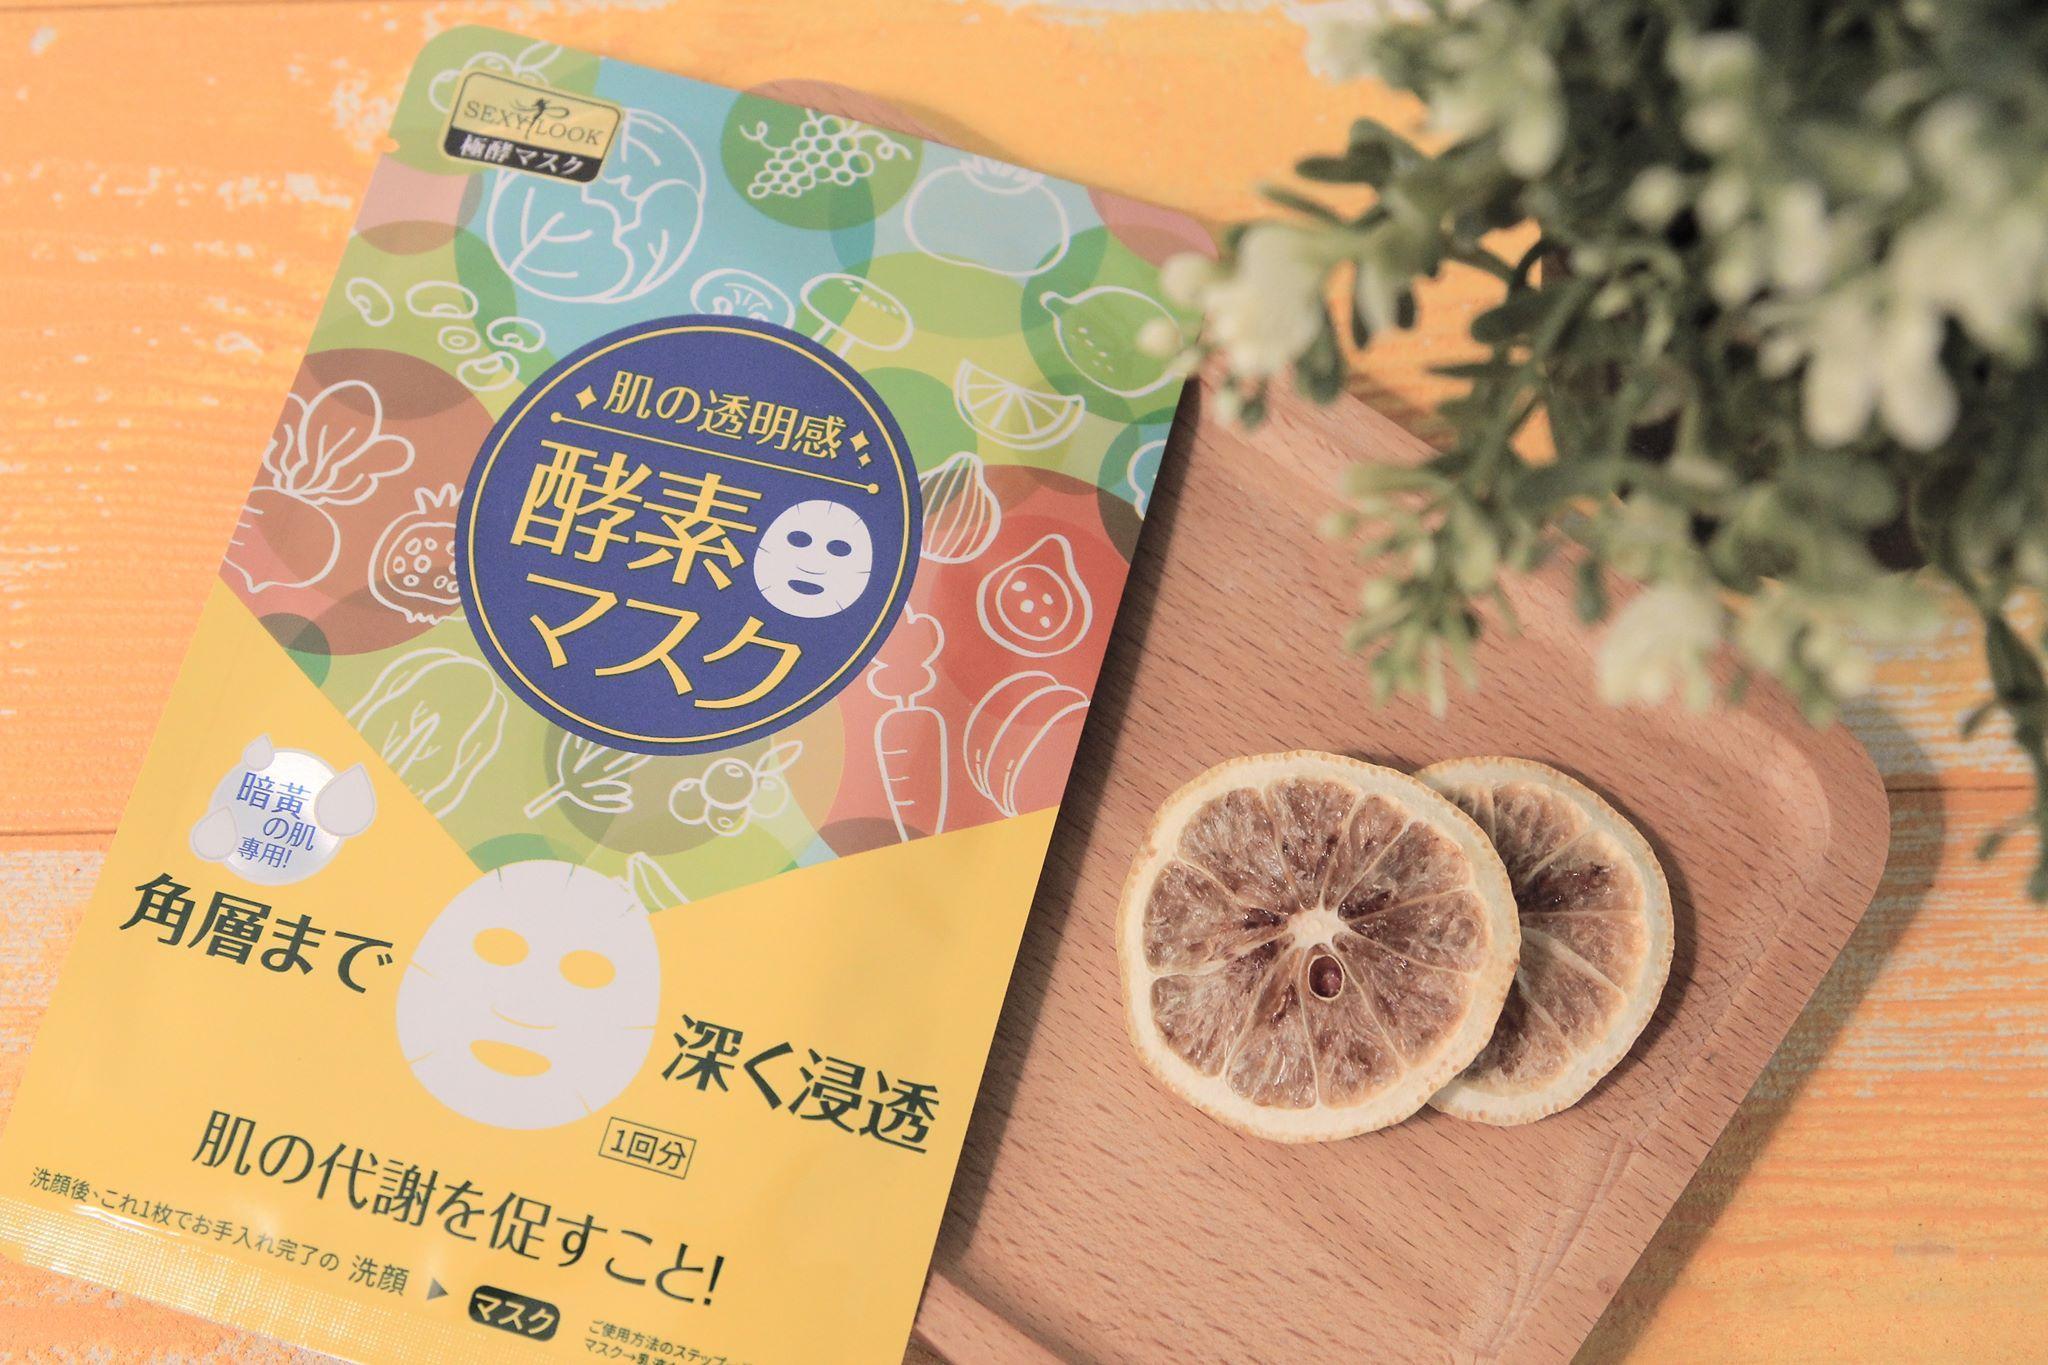 Cách sử dụng mặt nạ dưỡng trắng lên men tự nhiên SEXYLOOK Enzyme Pure Whitening Mask